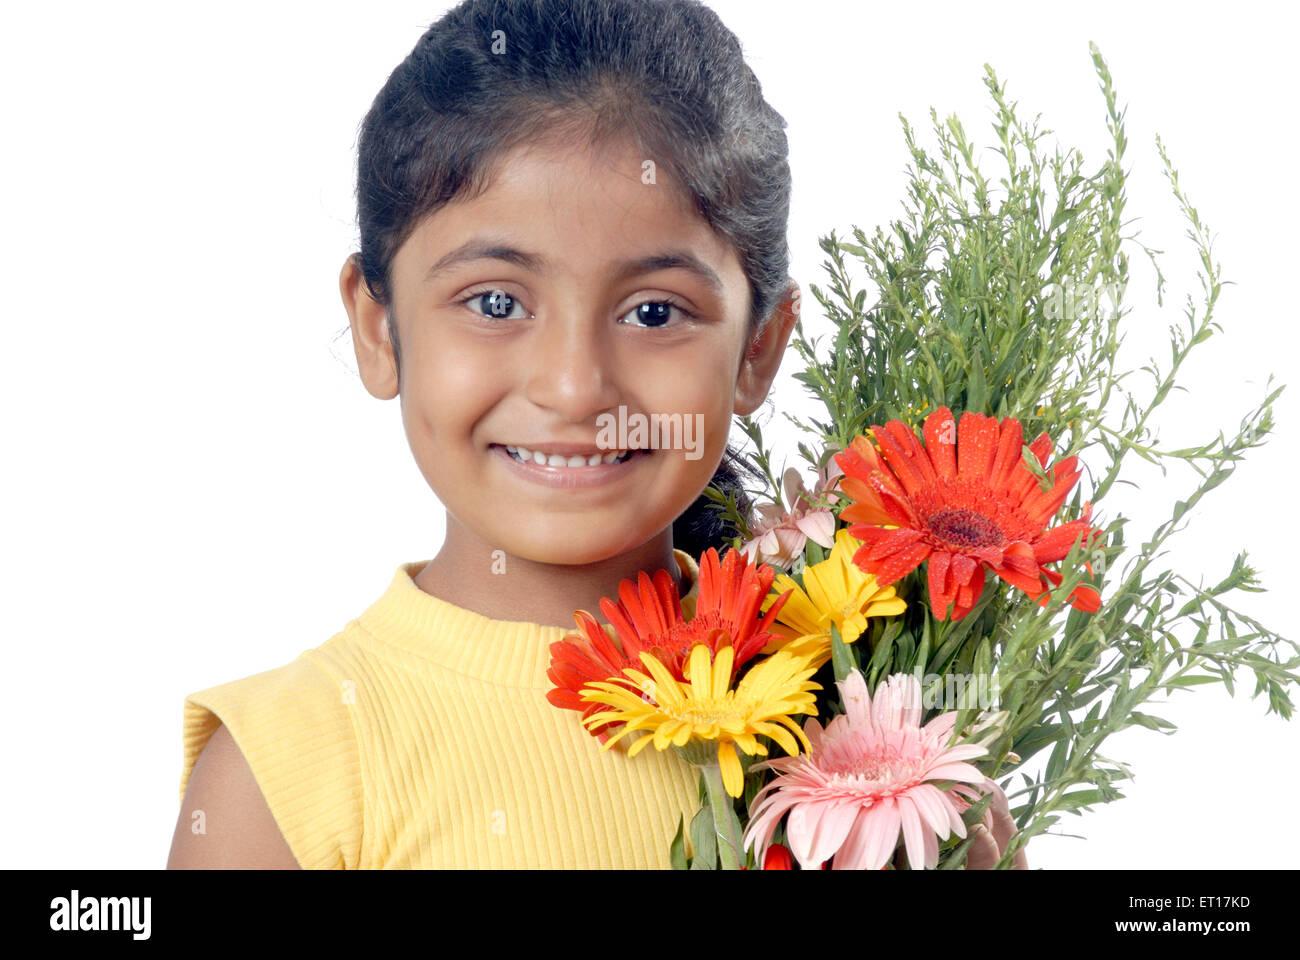 Ragazza indiana bambino festeggia il compleanno di contenimento bouquet di fiori su sfondo bianco - signor#682w Immagini Stock